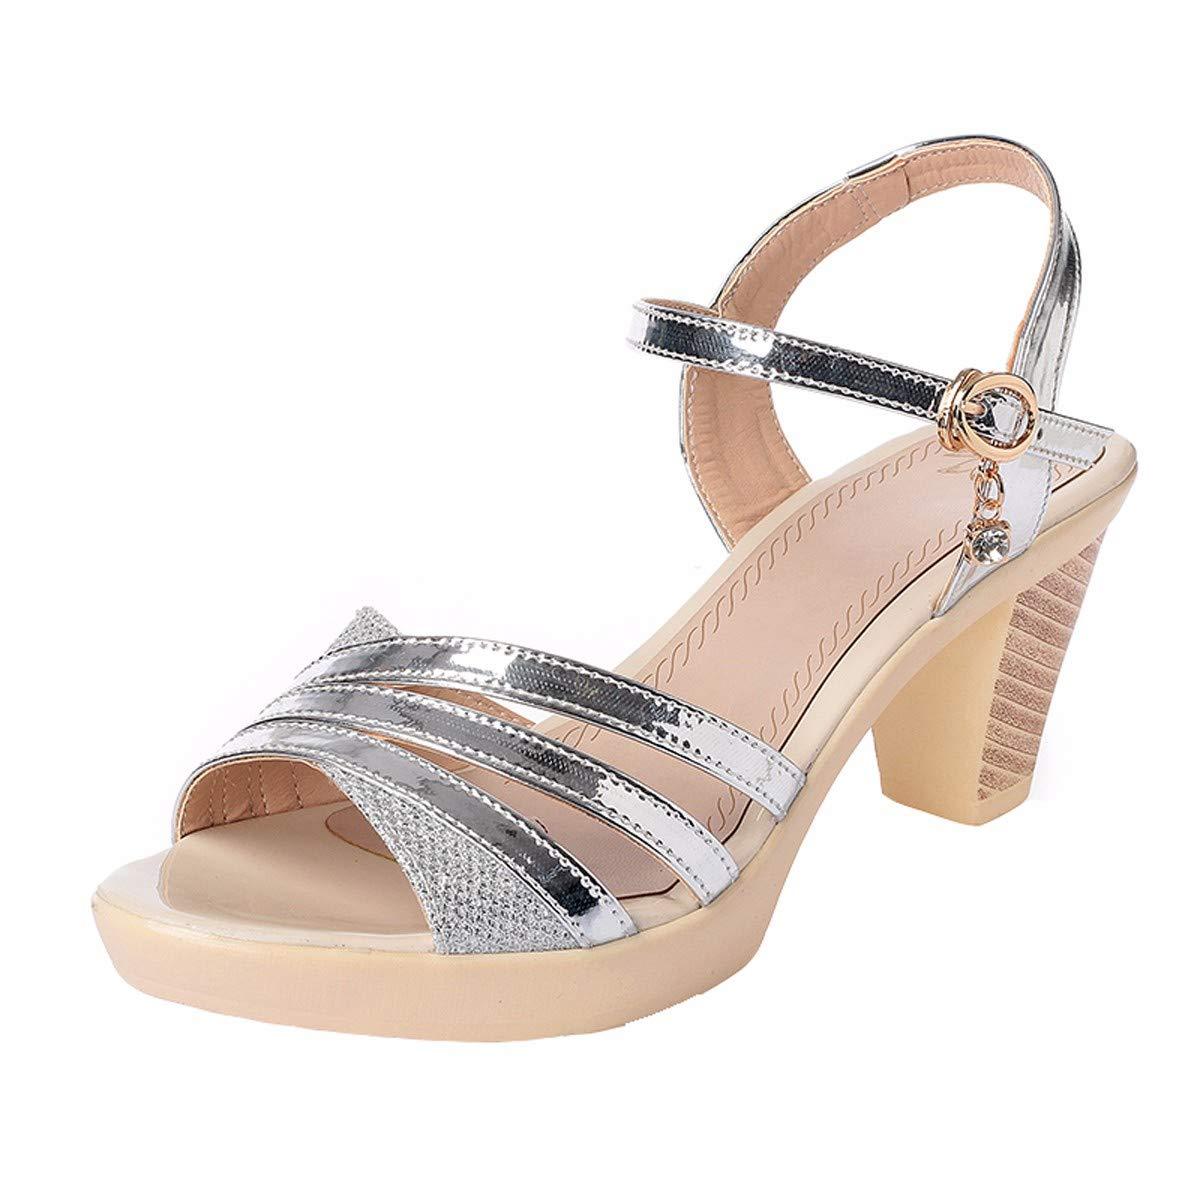 KPHY-Sandaleen Mädchen Mittlere Betuchte Heels Echtes Leder Mama Schuhe Alle Arten Der Zehen Mode Meine High Heels 7Cm 37 Die Silbernen